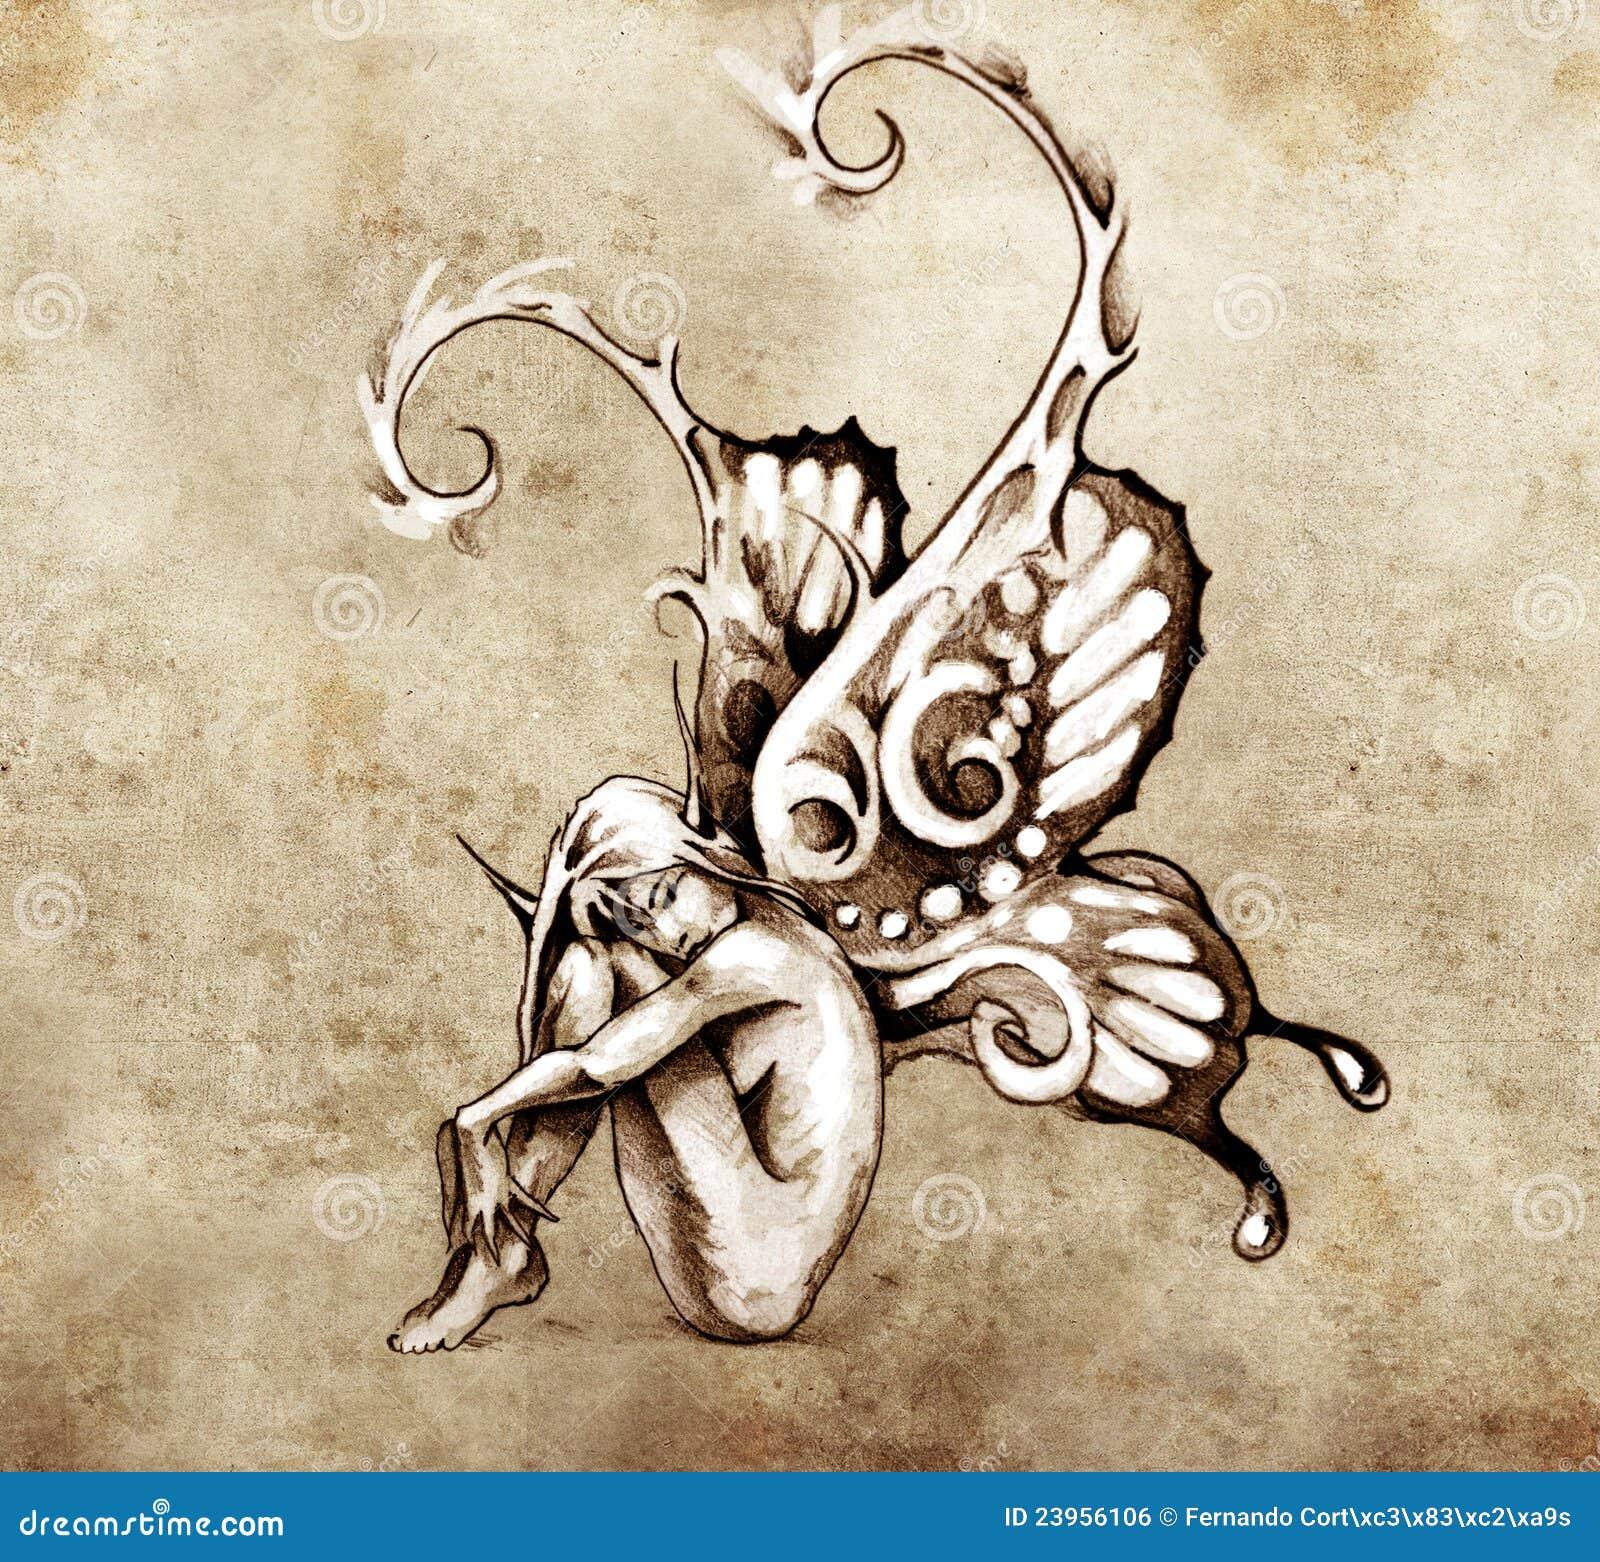 le croquis de l 39 art de tatouage f e avec le guindineau s 39 envole image libre de droits image. Black Bedroom Furniture Sets. Home Design Ideas